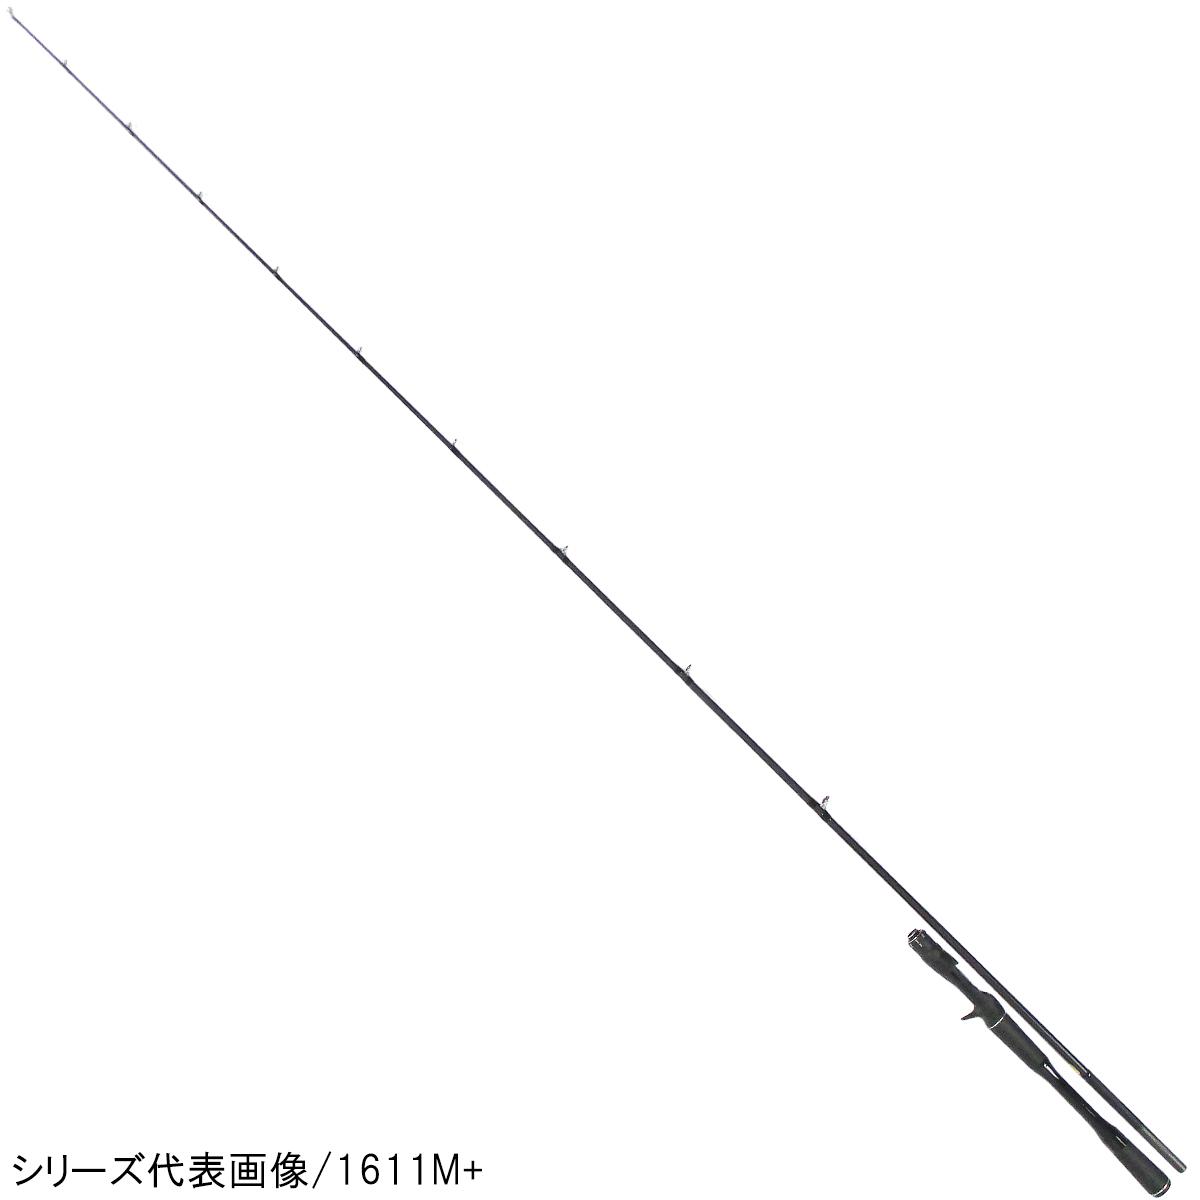 シマノ ポイズンアドレナ (ベイト) 173MH【大型商品】(東日本店)